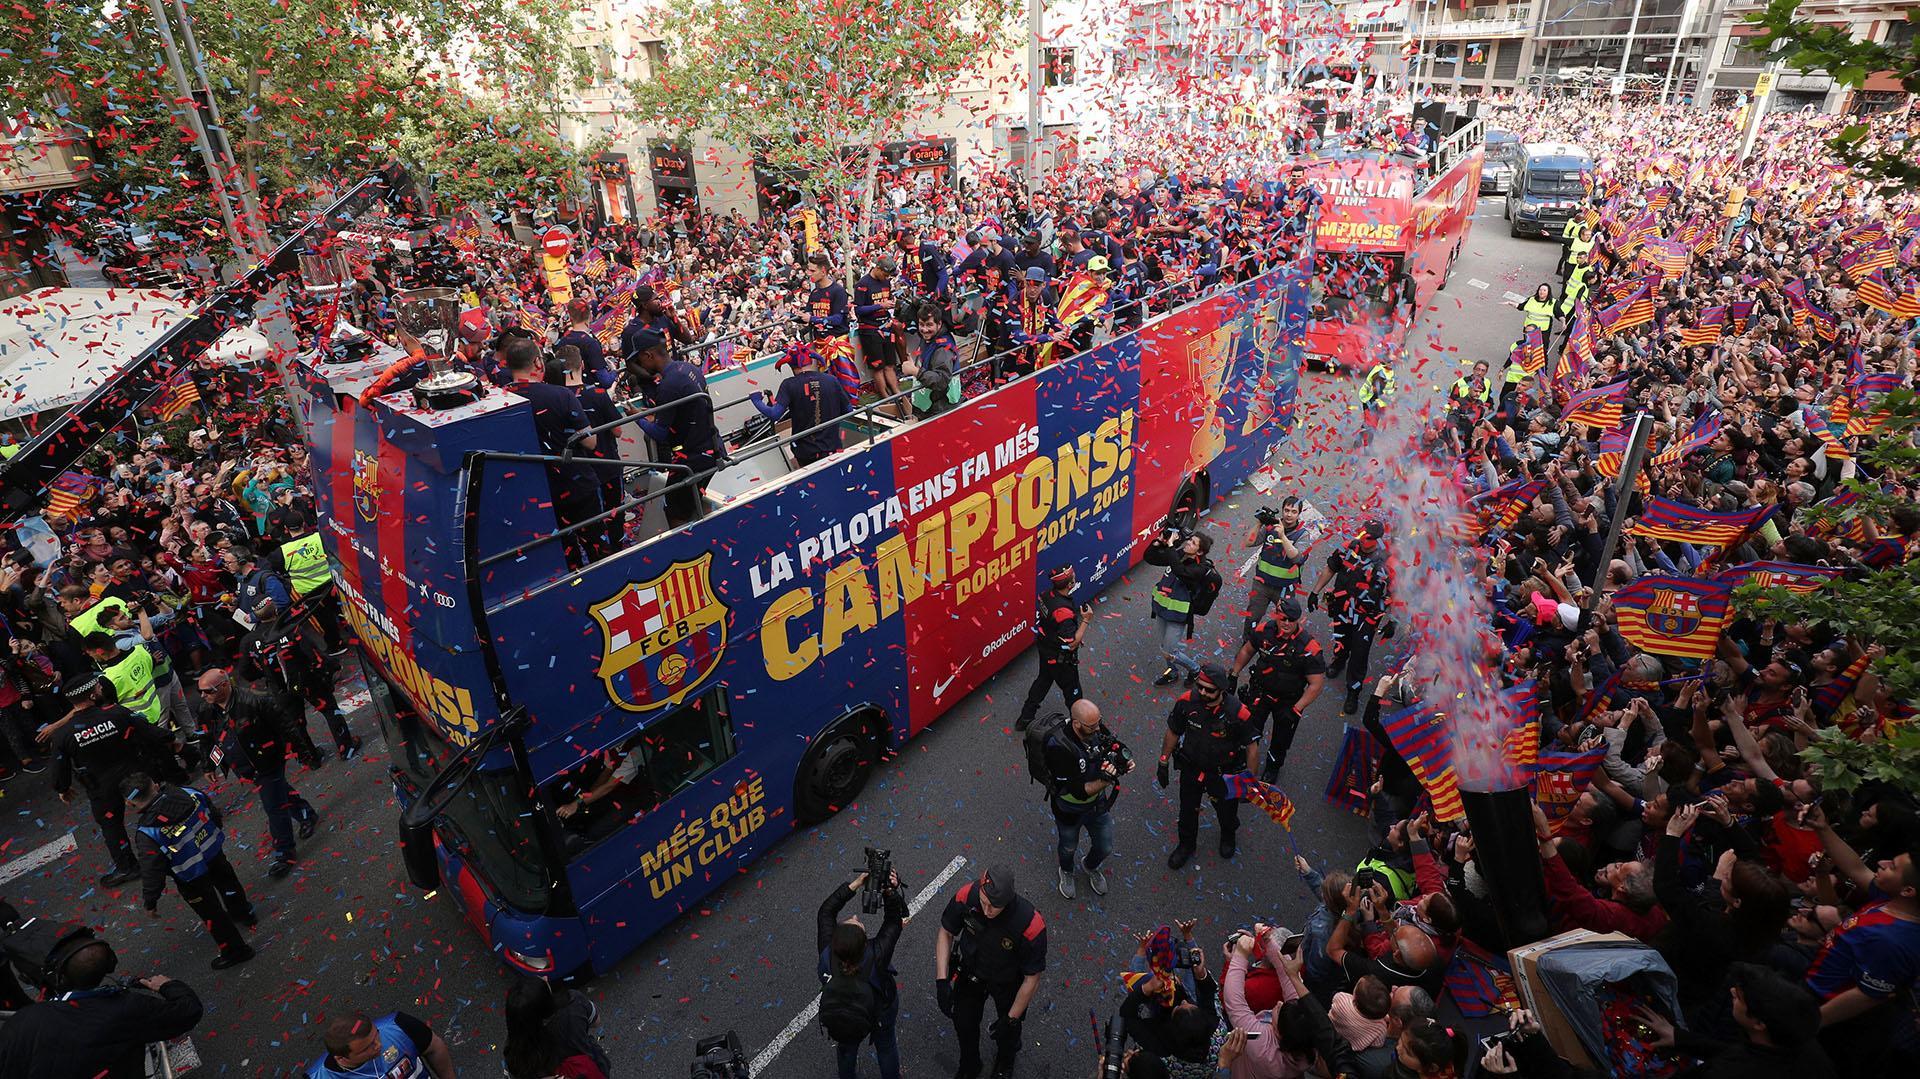 Image result for barcelona la liga campeones 2018